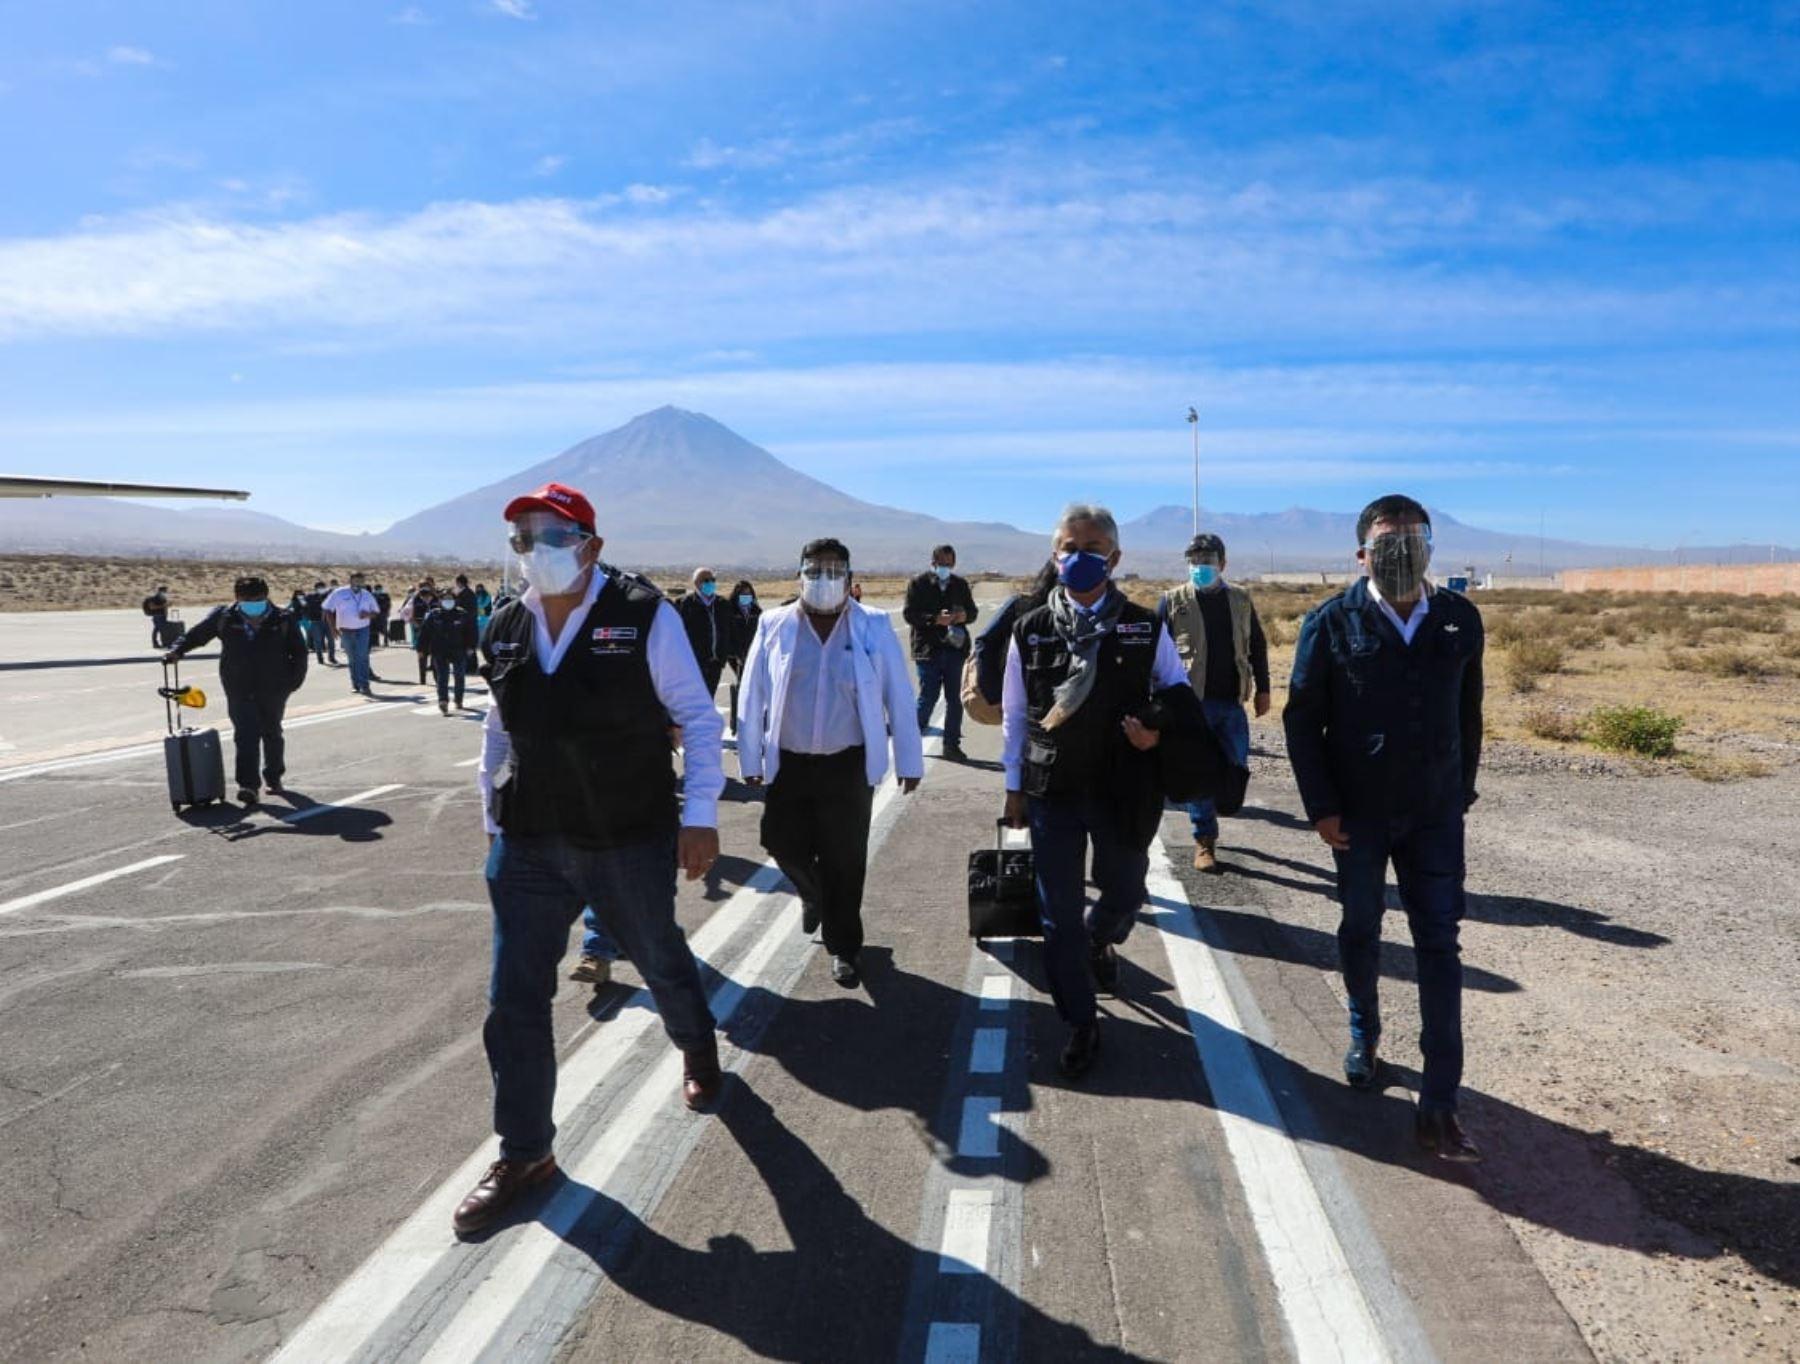 Ya se encuentra en Arequipa la brigada de salud del Minsa que reforzará la lucha contra la pandemia de covid-19 en esa región, afectada por un incremento de casos. ANDINA/Difusió